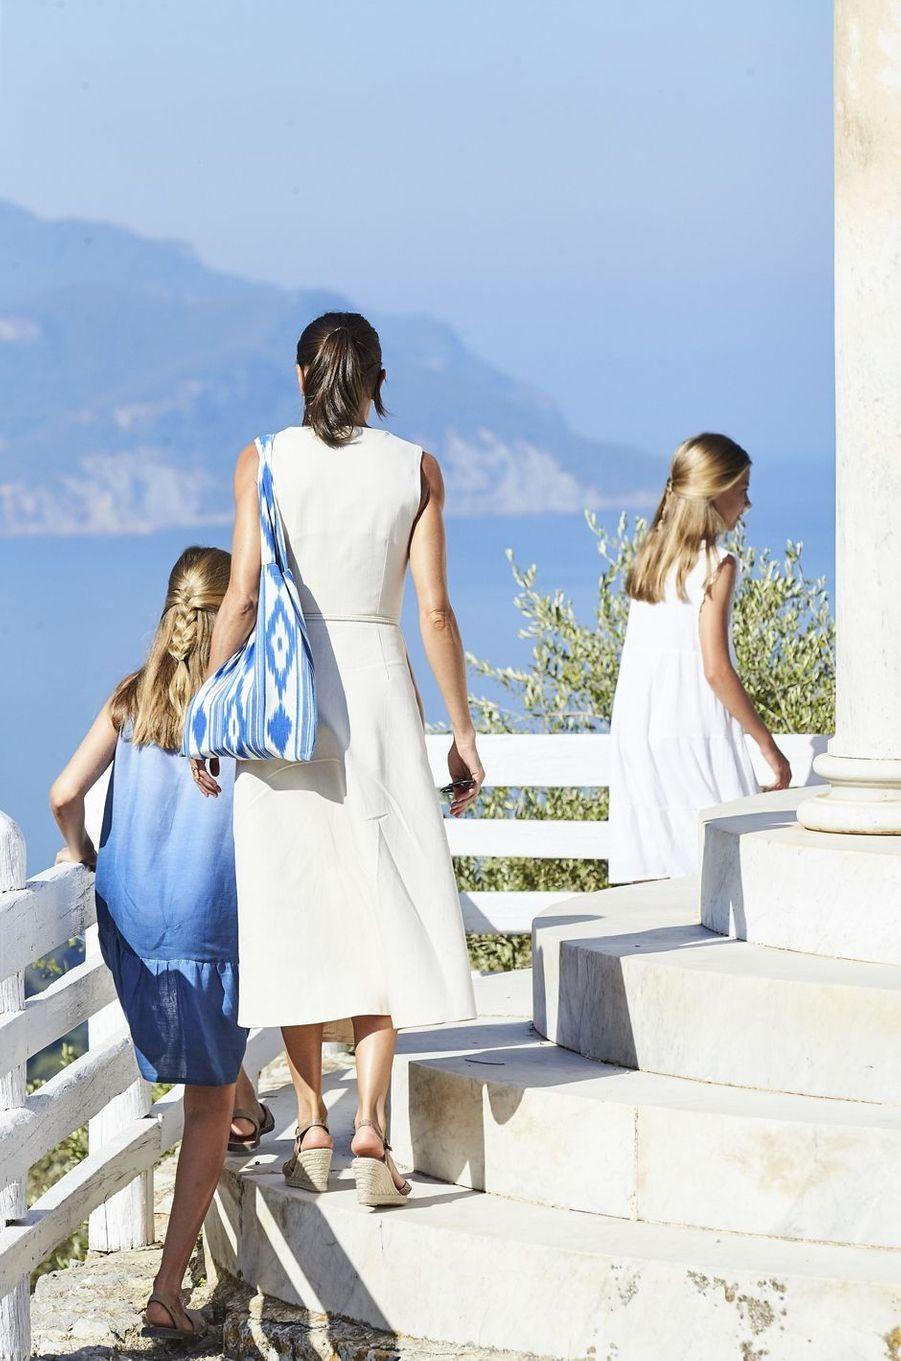 La reine Letizia d'Espagne avec les princesses Leonor et Sofia à Son Marroig sur l'île de Majorque, le 8 août 2019